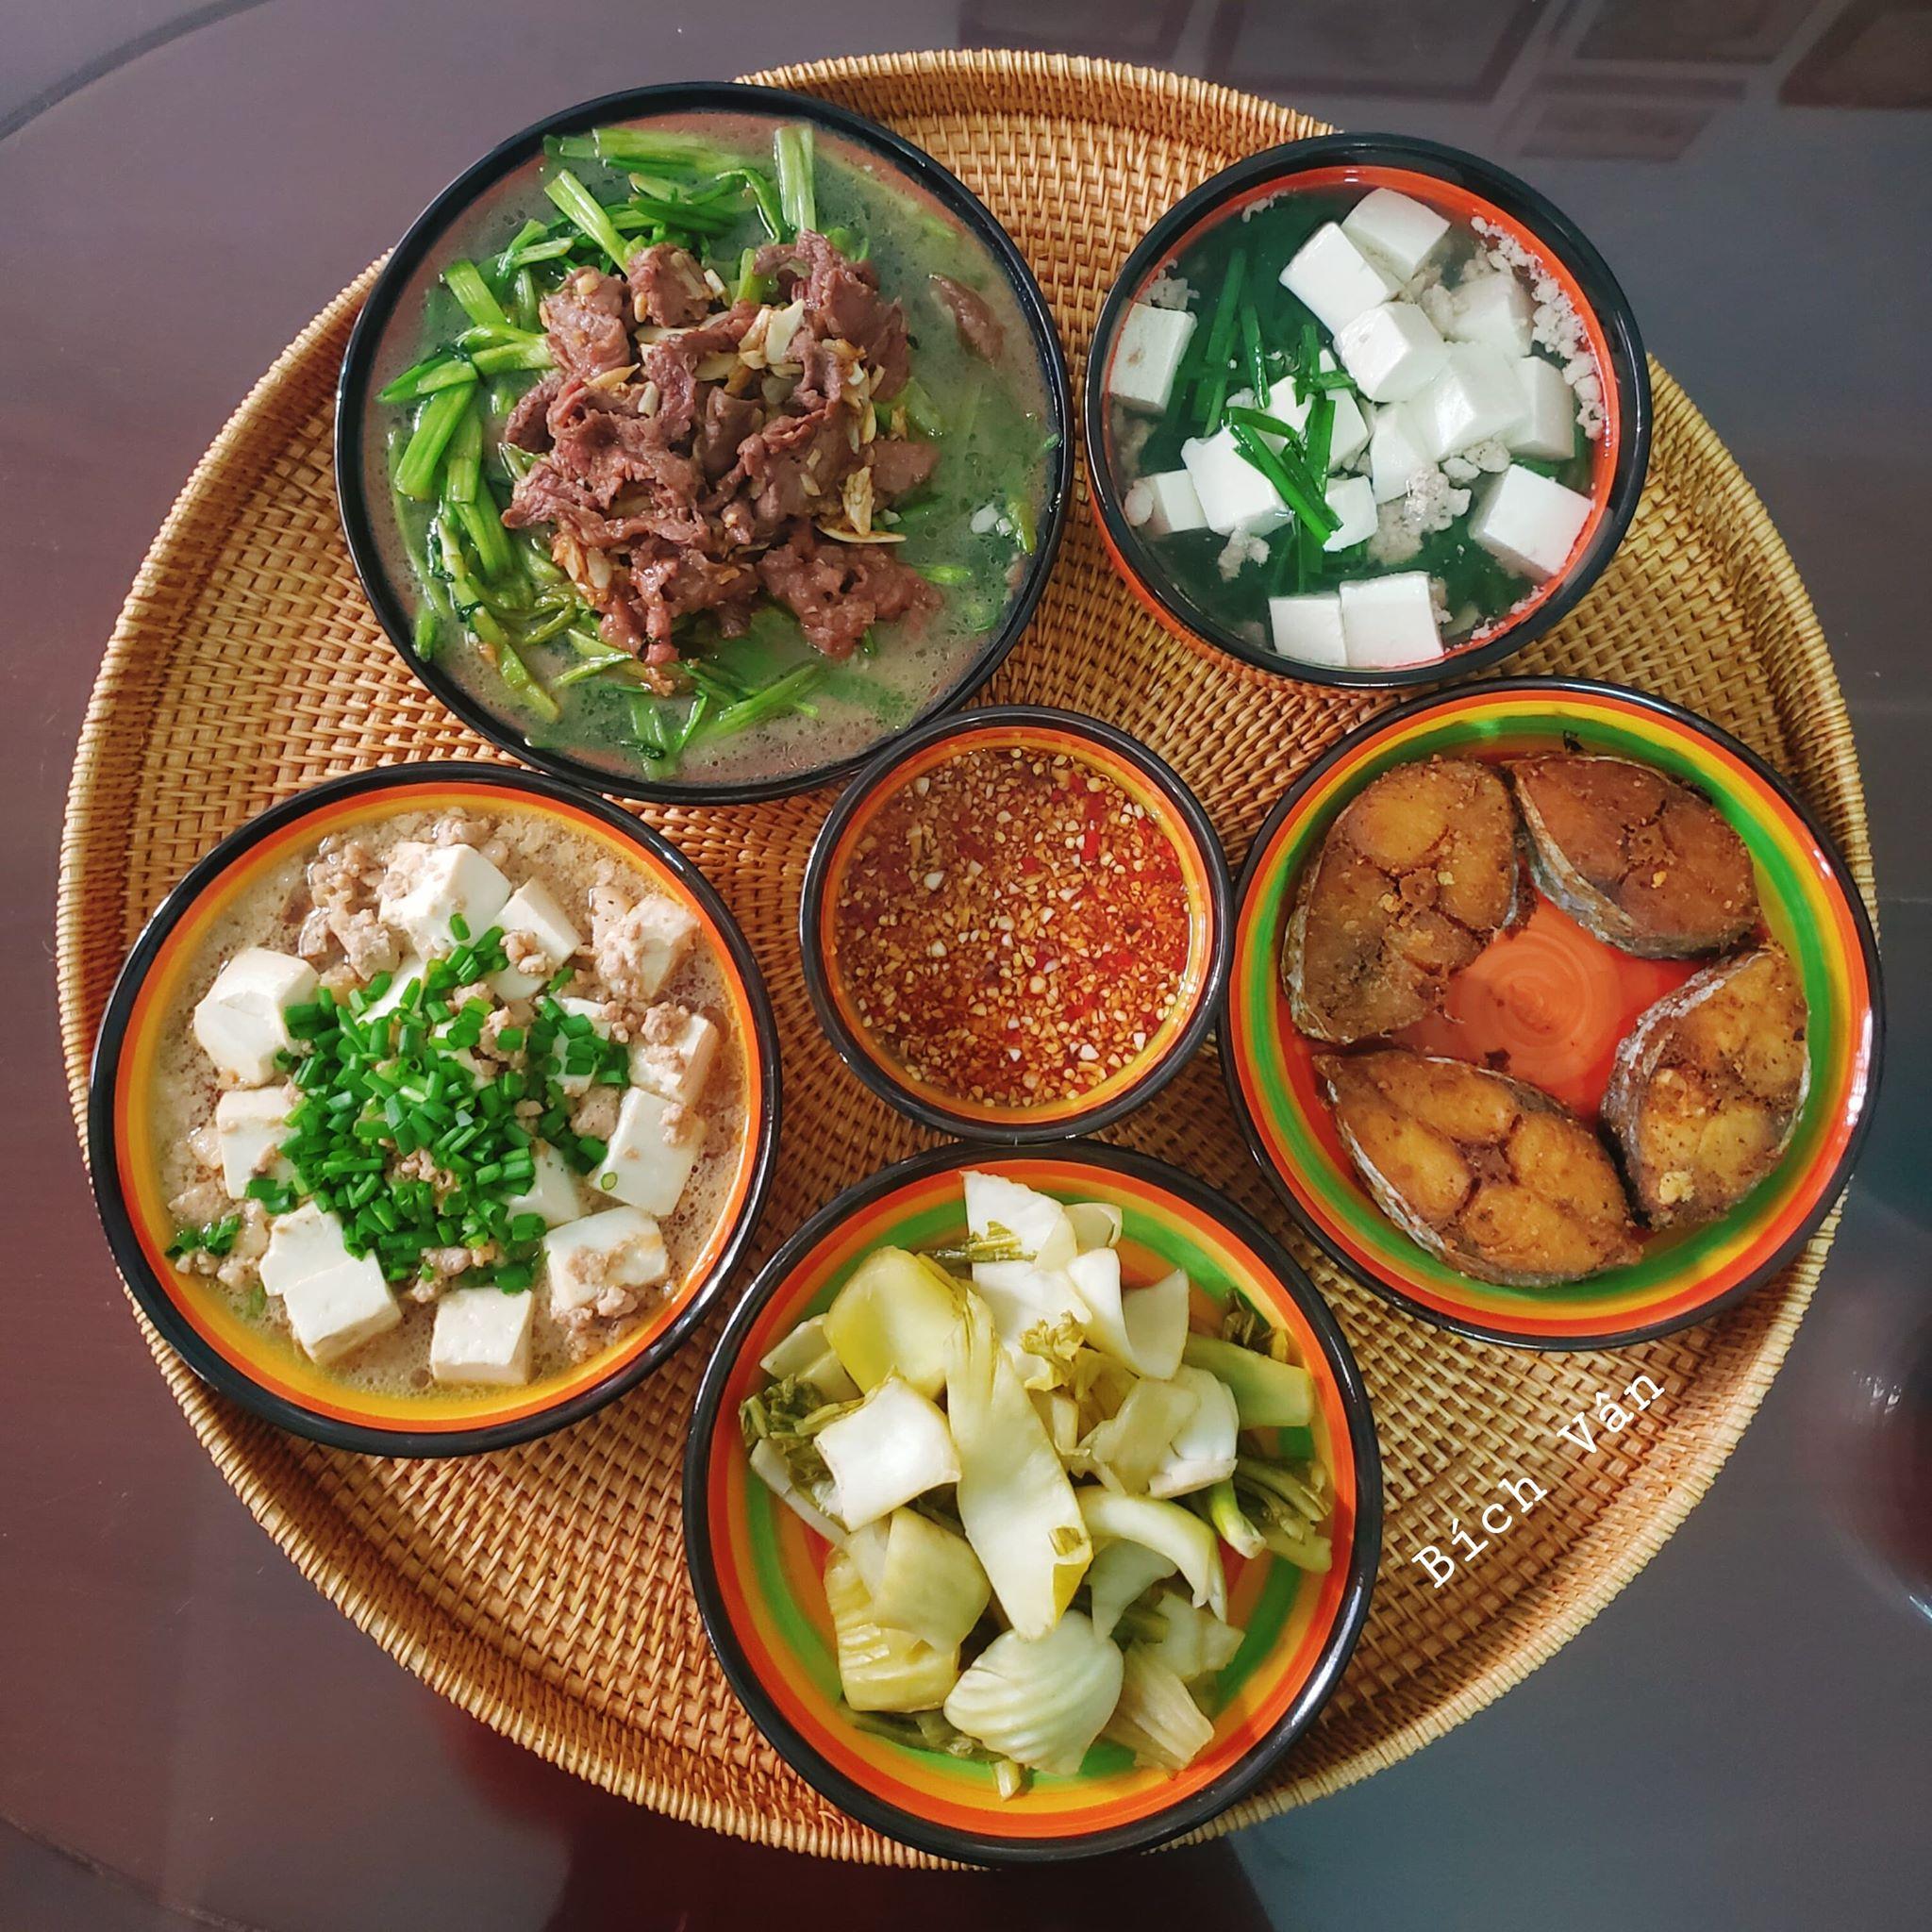 Chỉ từ 130k trở lên, bà nội trợ đảm Sài Gòn sắm sửa mỗi bữa cơm đều như đãi tiệc với các món bổ dưỡng, đẹp mắt cho gia đình 6 thành viên - Ảnh 15.